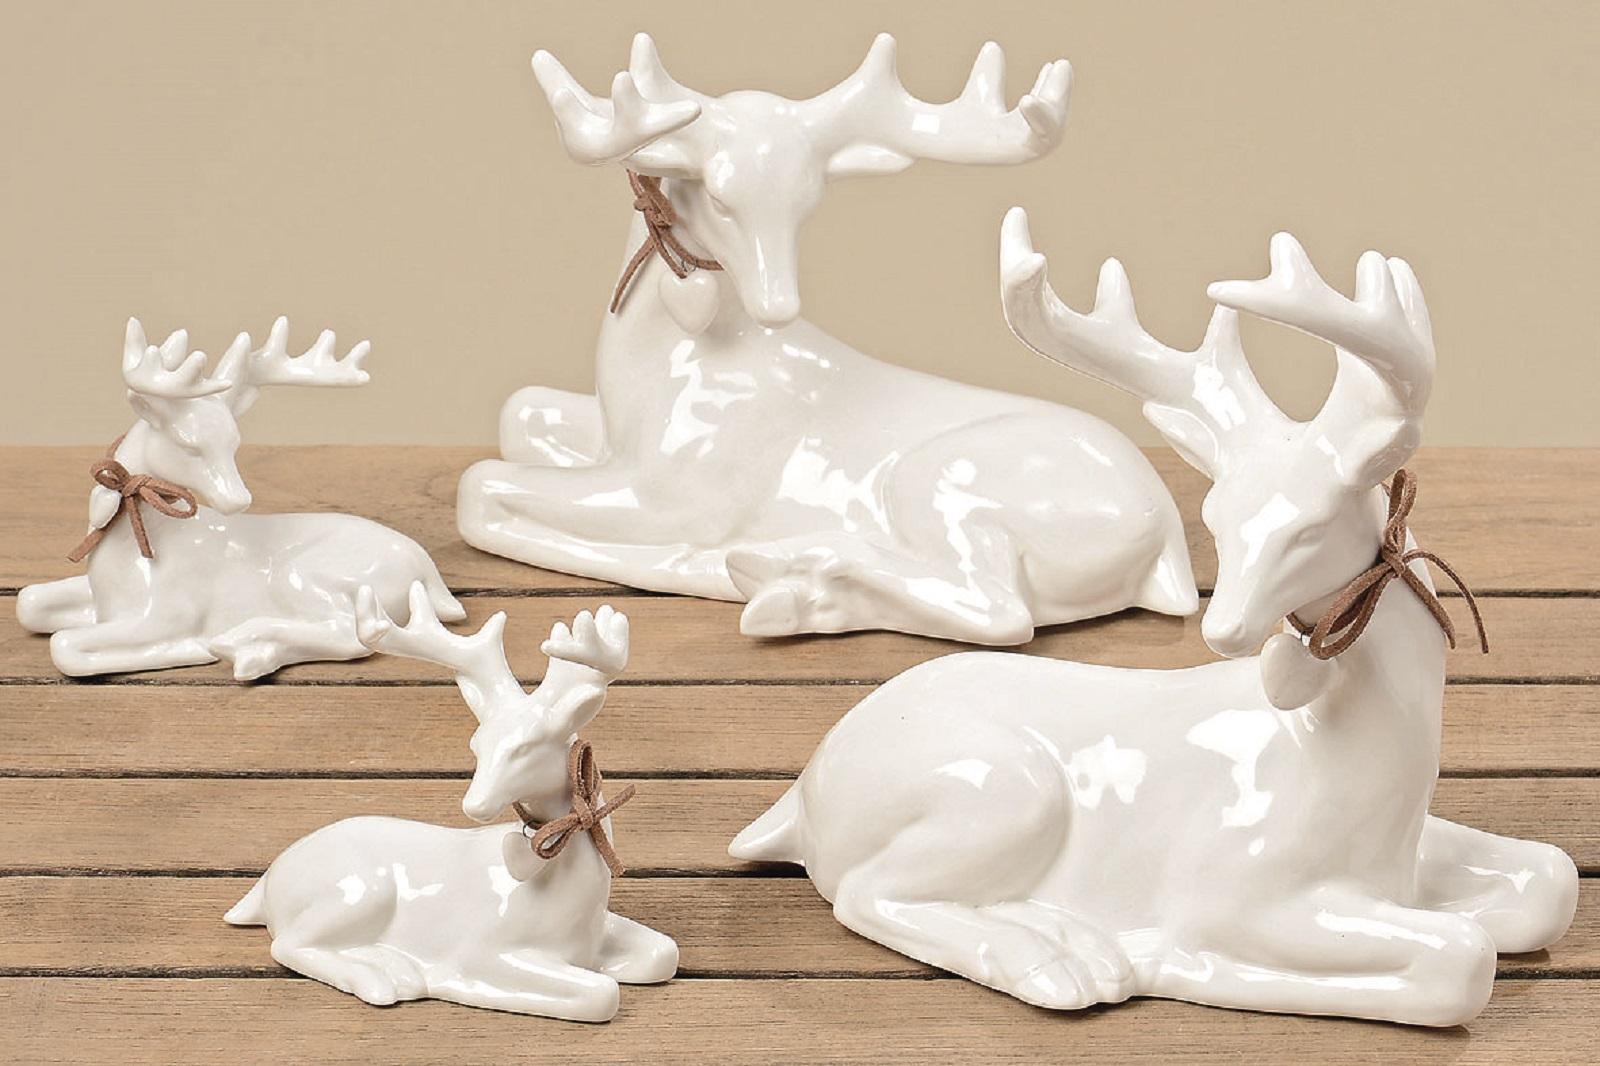 2er Set Hirsch, Deko Figur liegend, Porzellan weiß, 11 cm